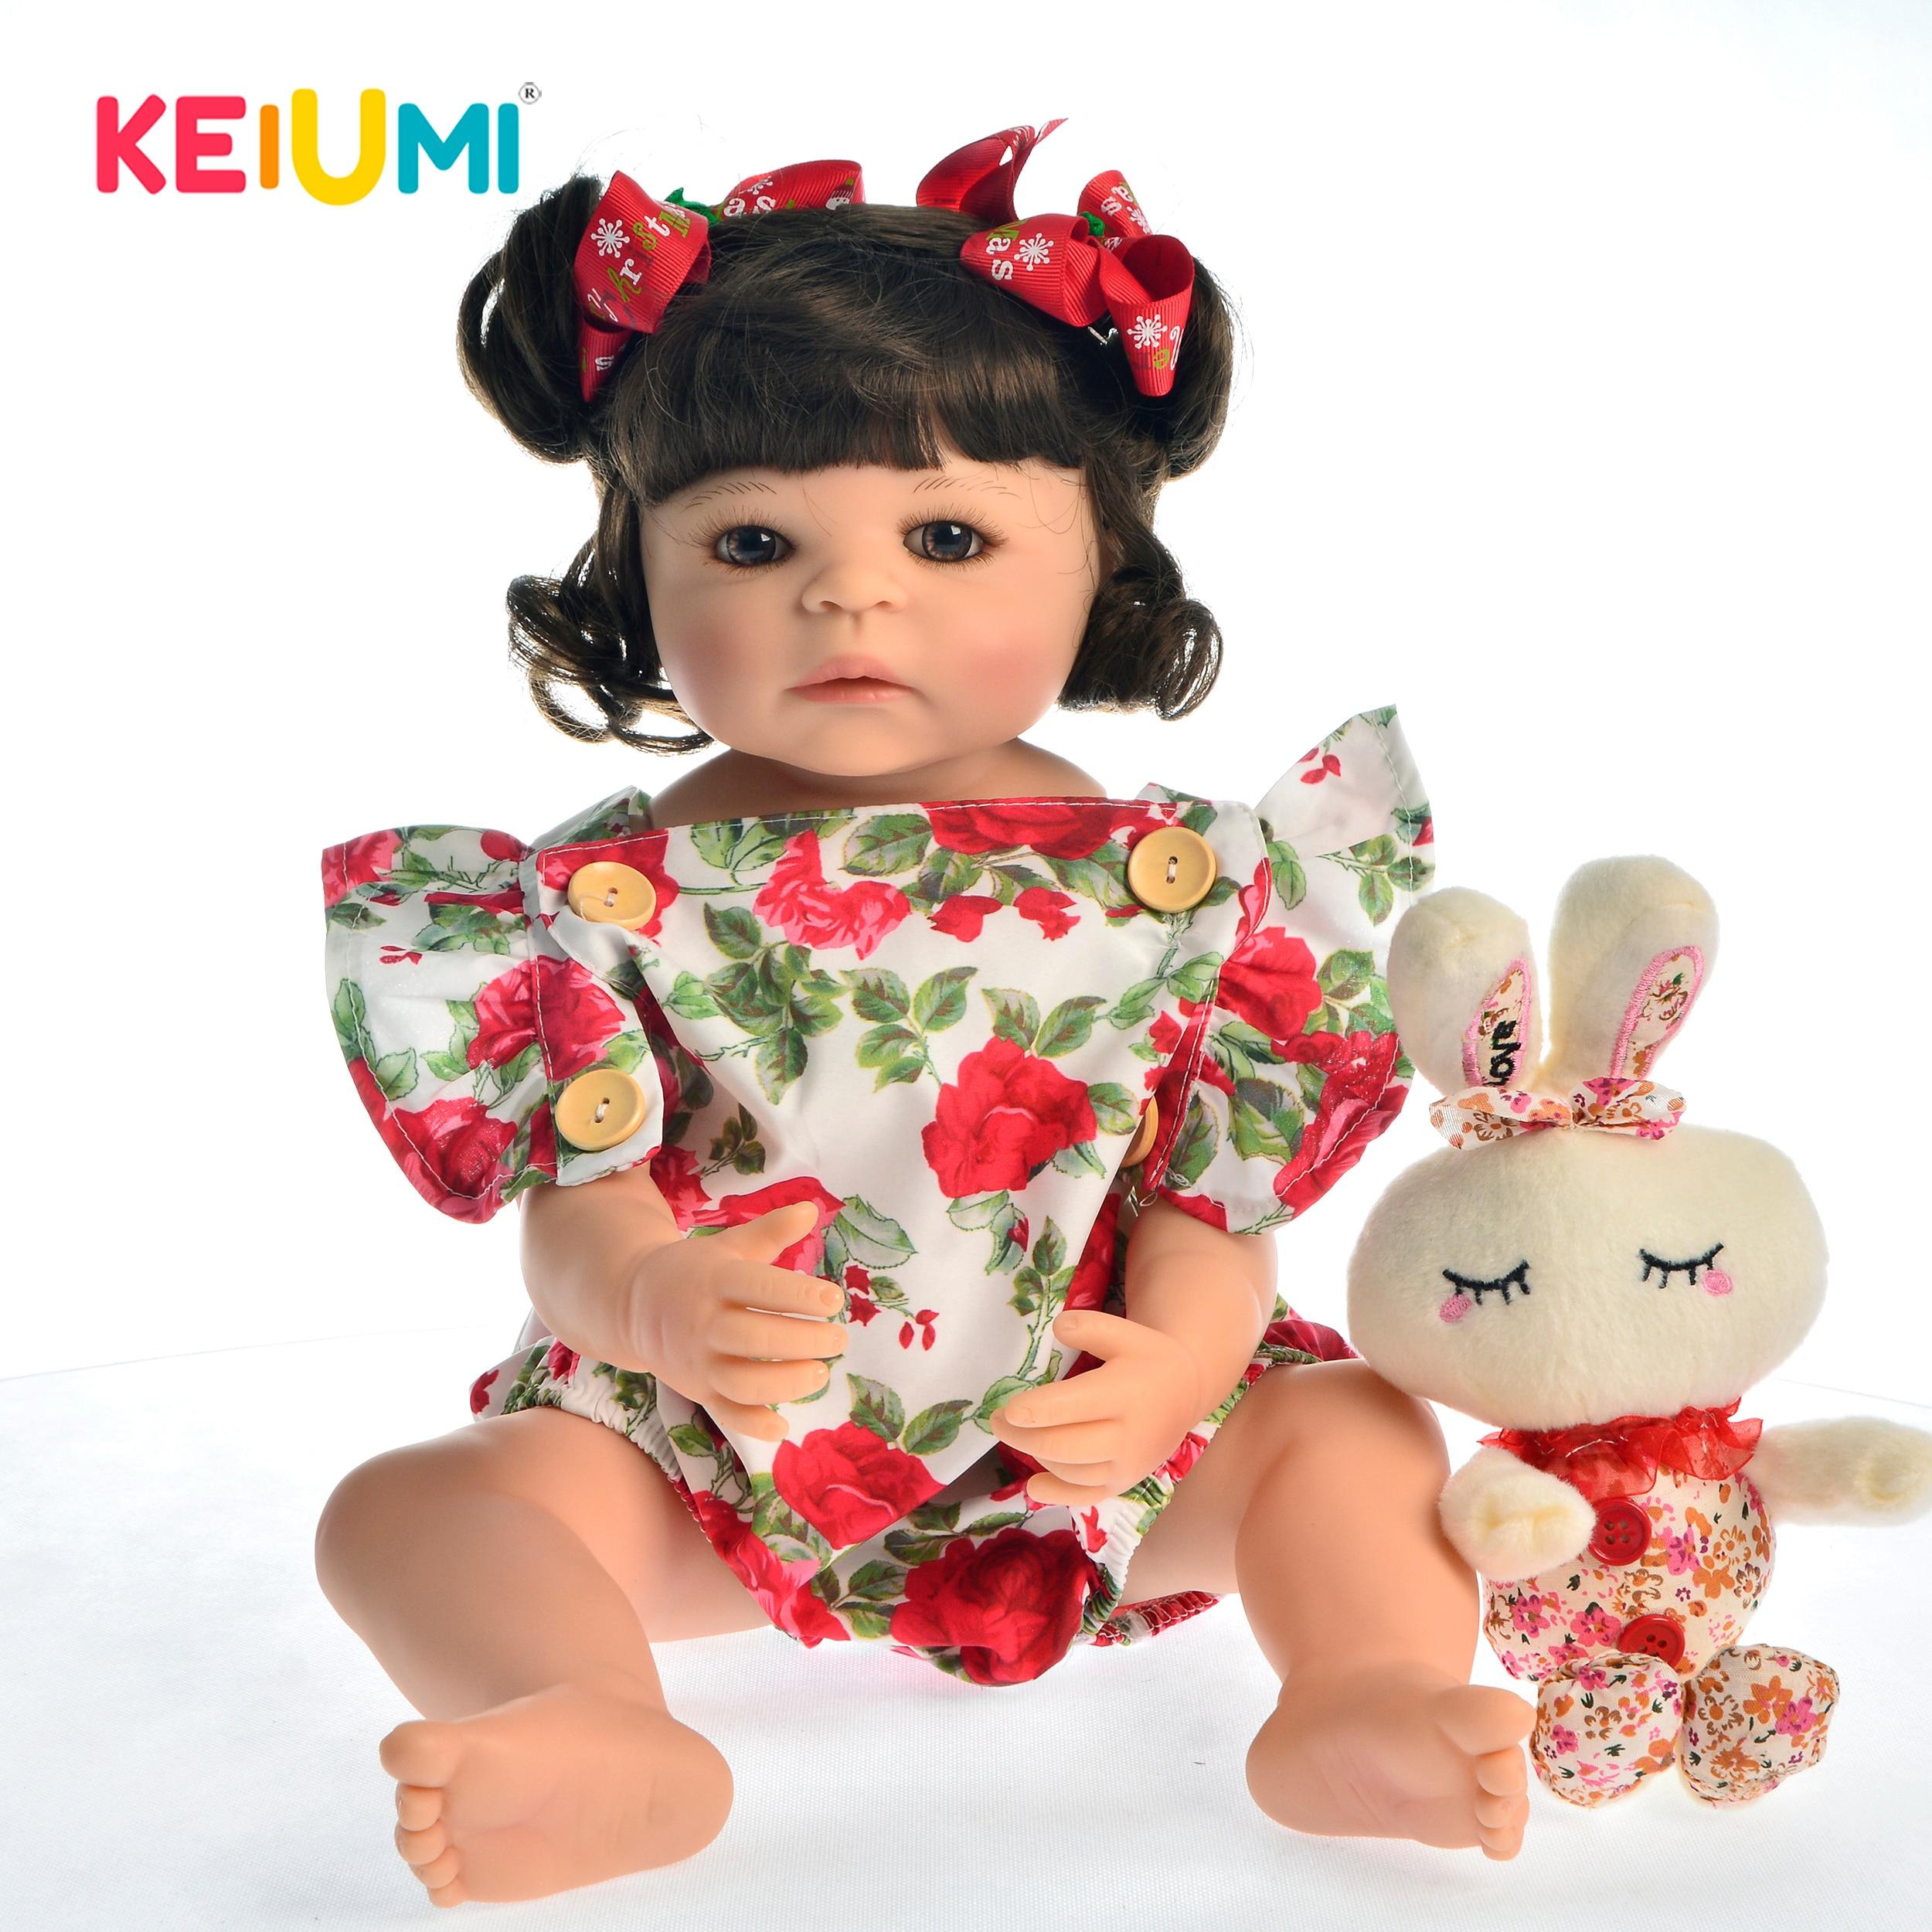 """Oyuncaklar ve Hobi Ürünleri'ten Bebekler'de Sıcak Satış 22 """"55 cm Silikon Tam Vücut Yeniden Doğmuş Bebek Bebek Oyuncak Kız Için Prenses Bebekler Oyuncak Giyim Gül romper Çocuk doğum günü hediyesi'da  Grup 1"""